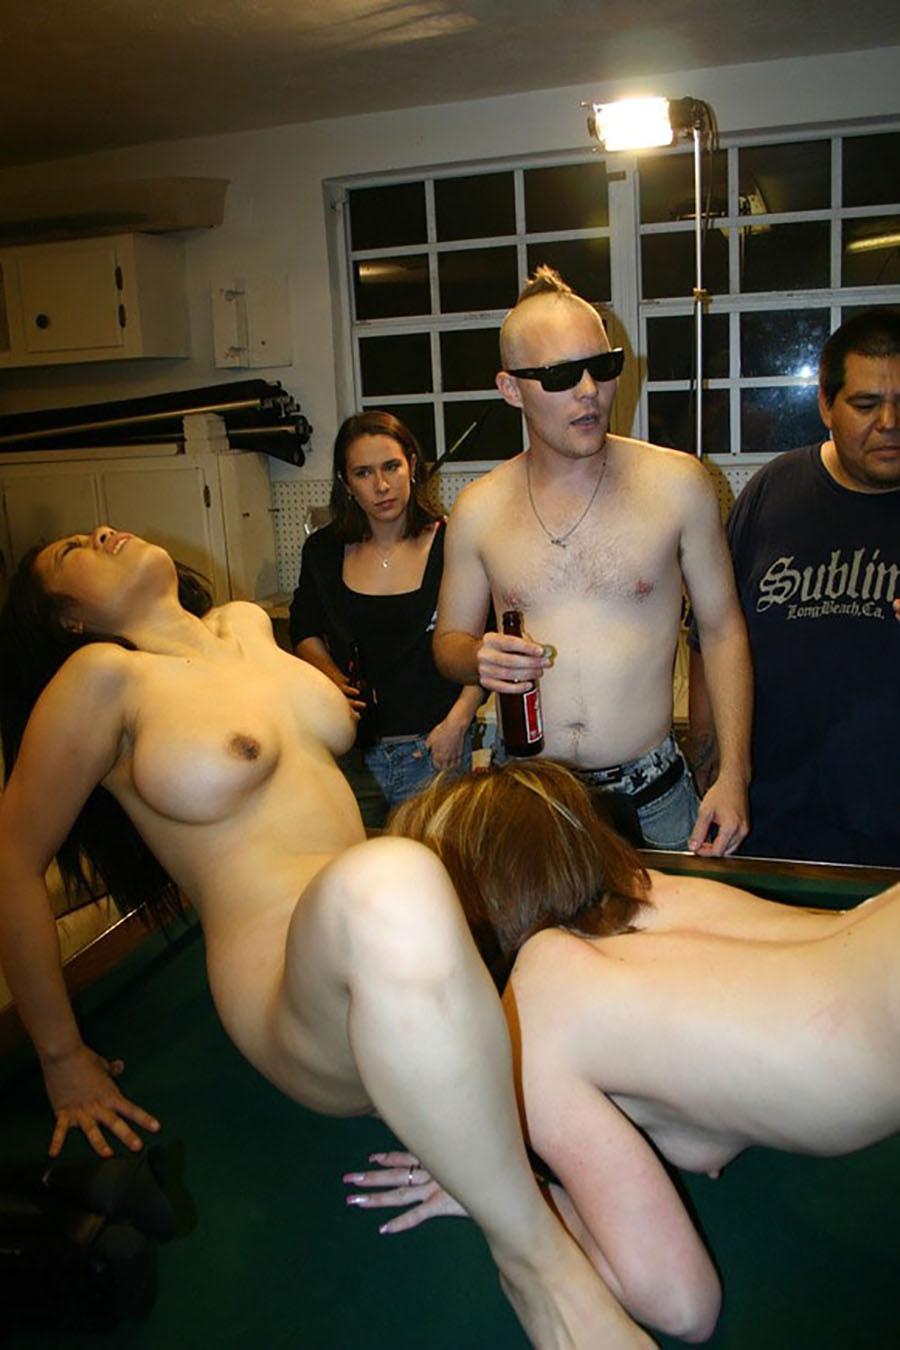 【乱パ】海外JDのホームパーティ、スケールが違う本場のエロ画像 38枚・34枚目